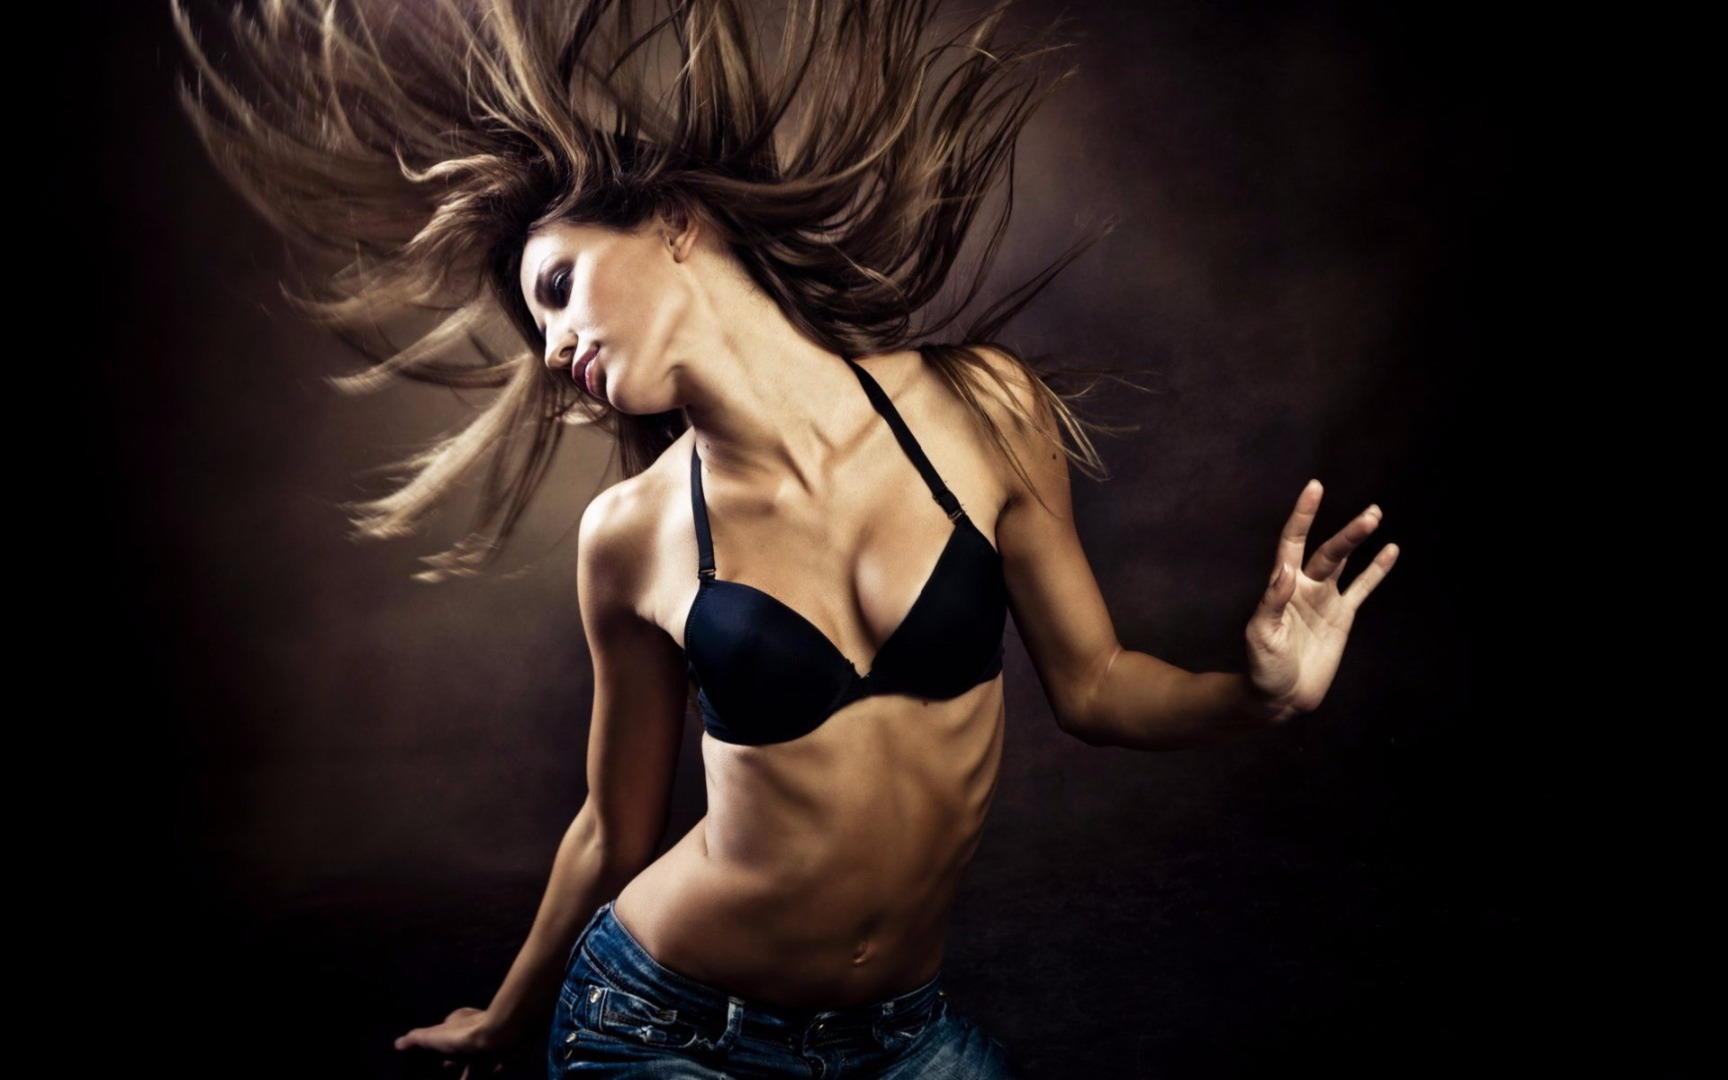 ведь дура видео красивое тело красиво танцует оковы предрассудков смотрите